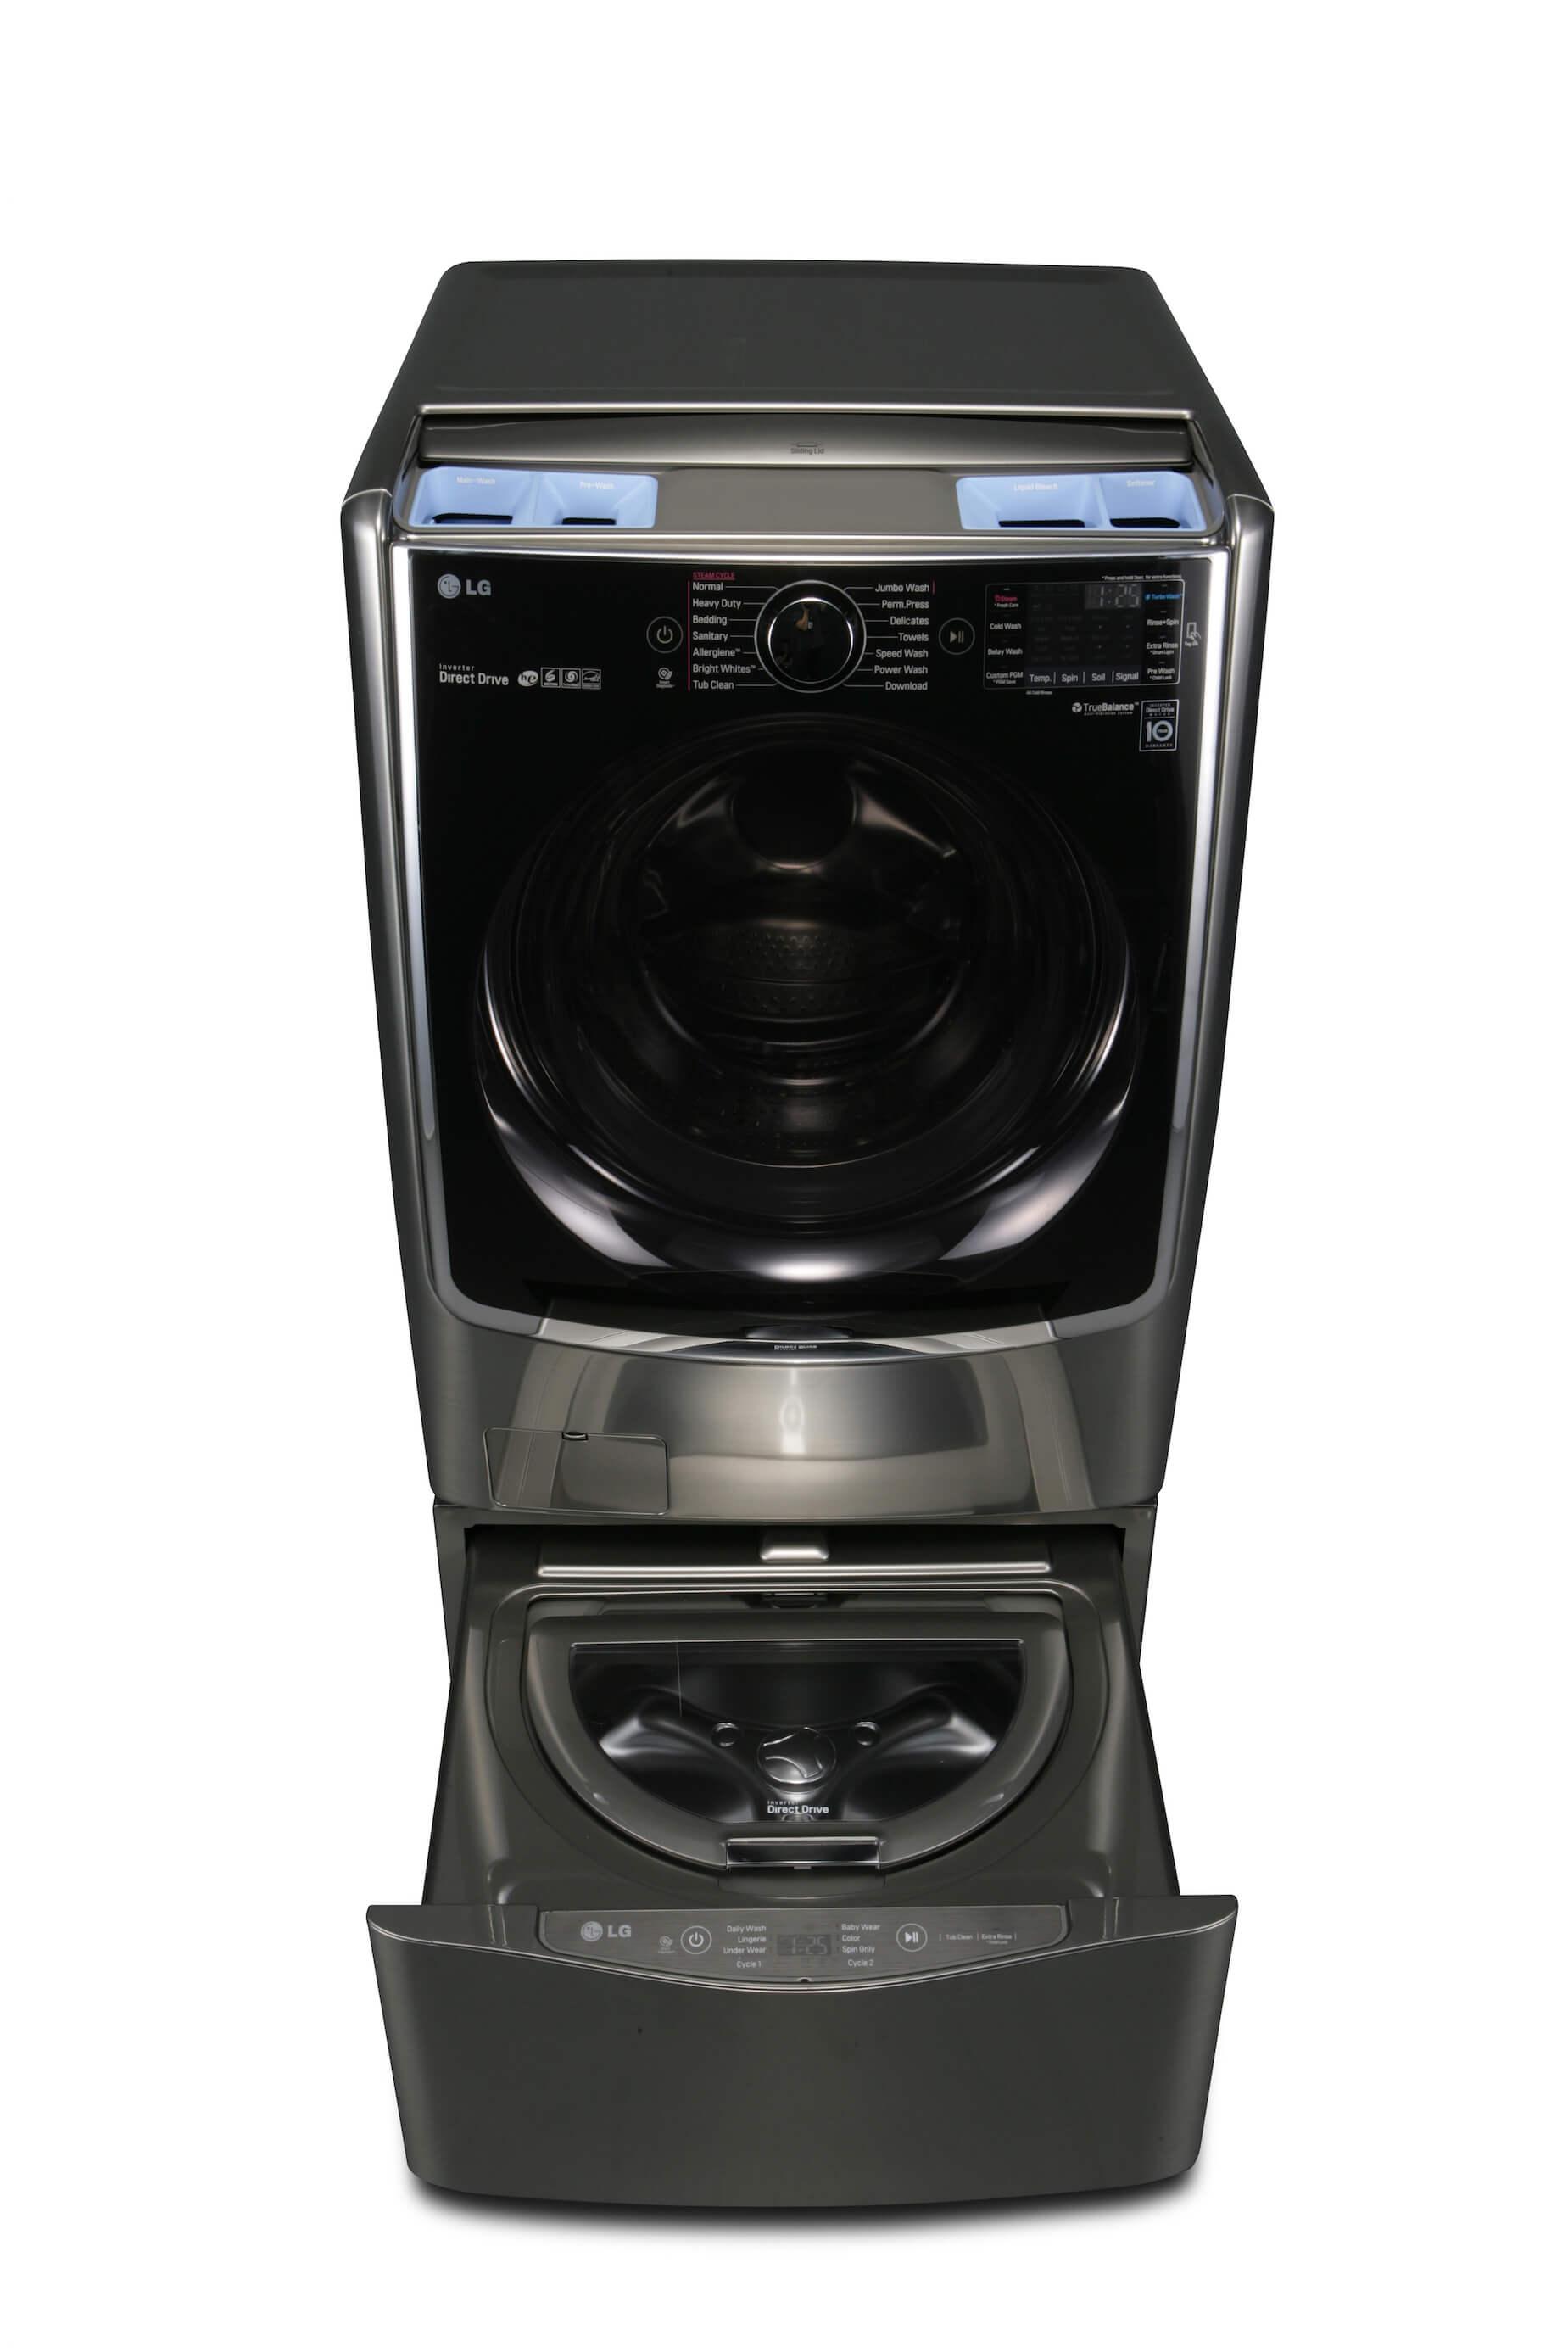 1. LG TWIN Wash_Front_Wmodule open